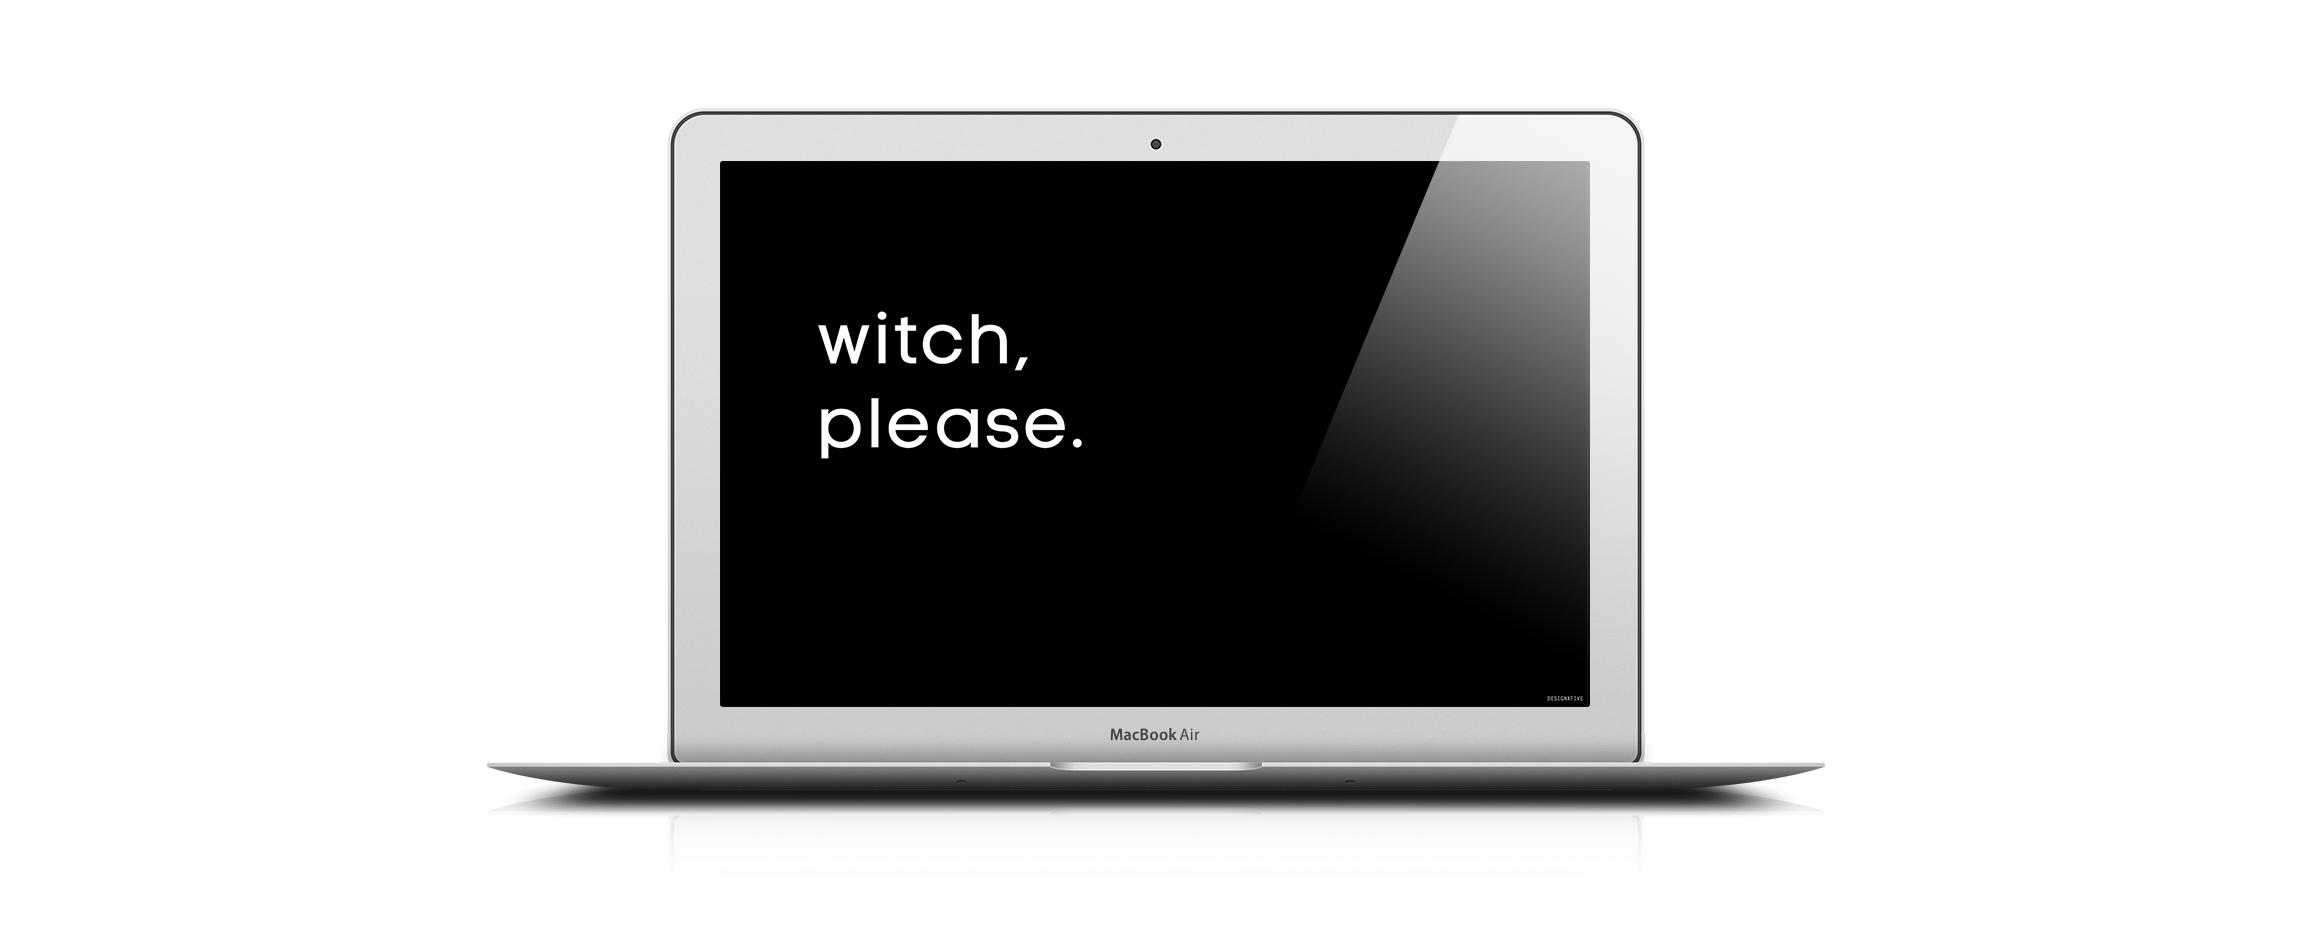 witch-please-wallpaper-designxfive-halloween